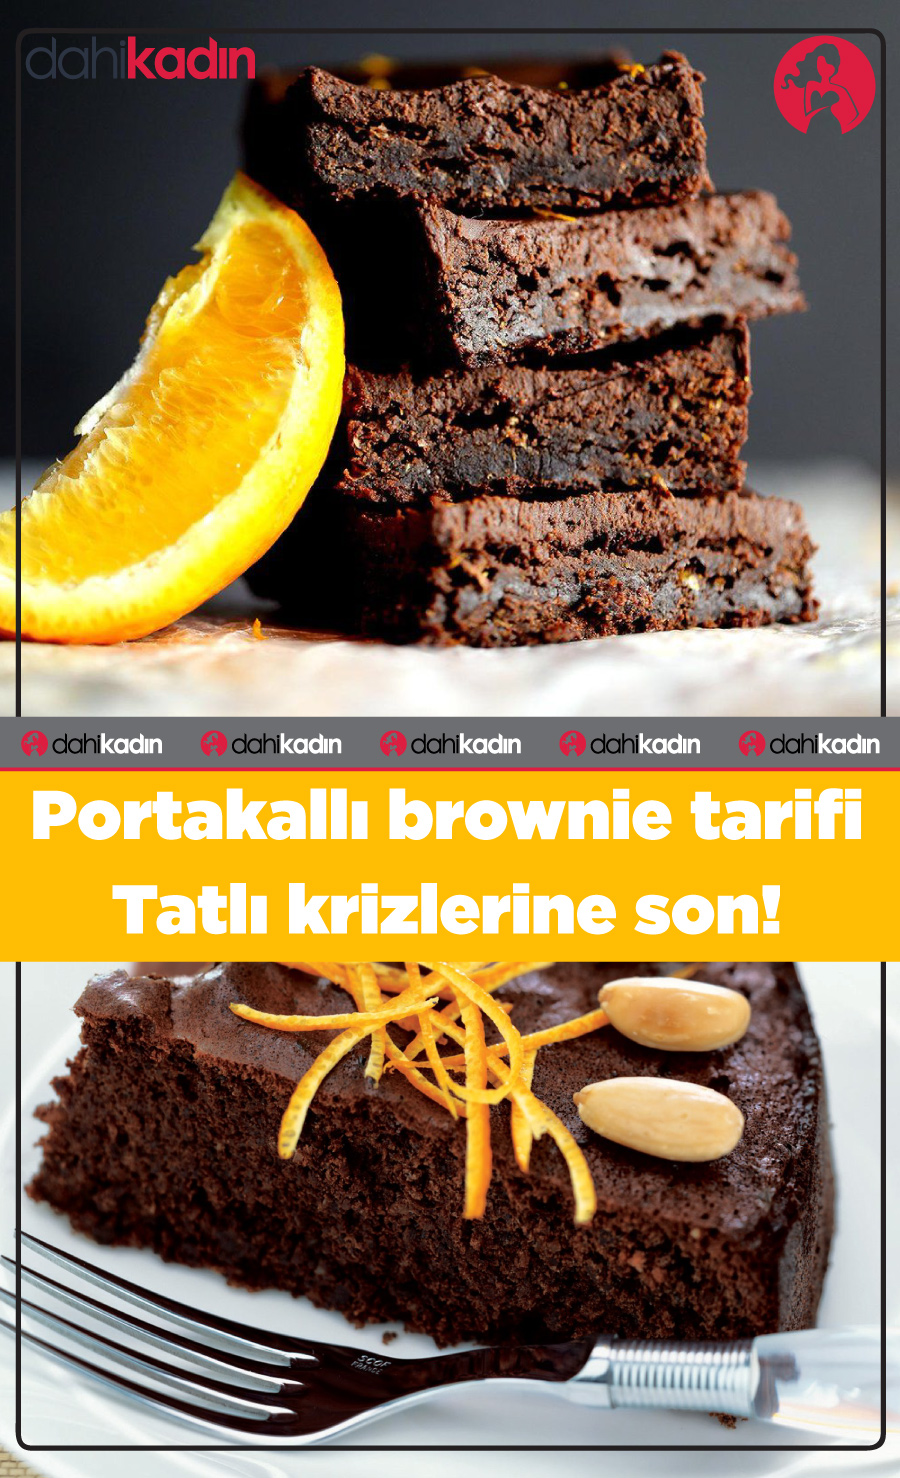 Portakallı brownie tarifi Tatlı krizlerine son!